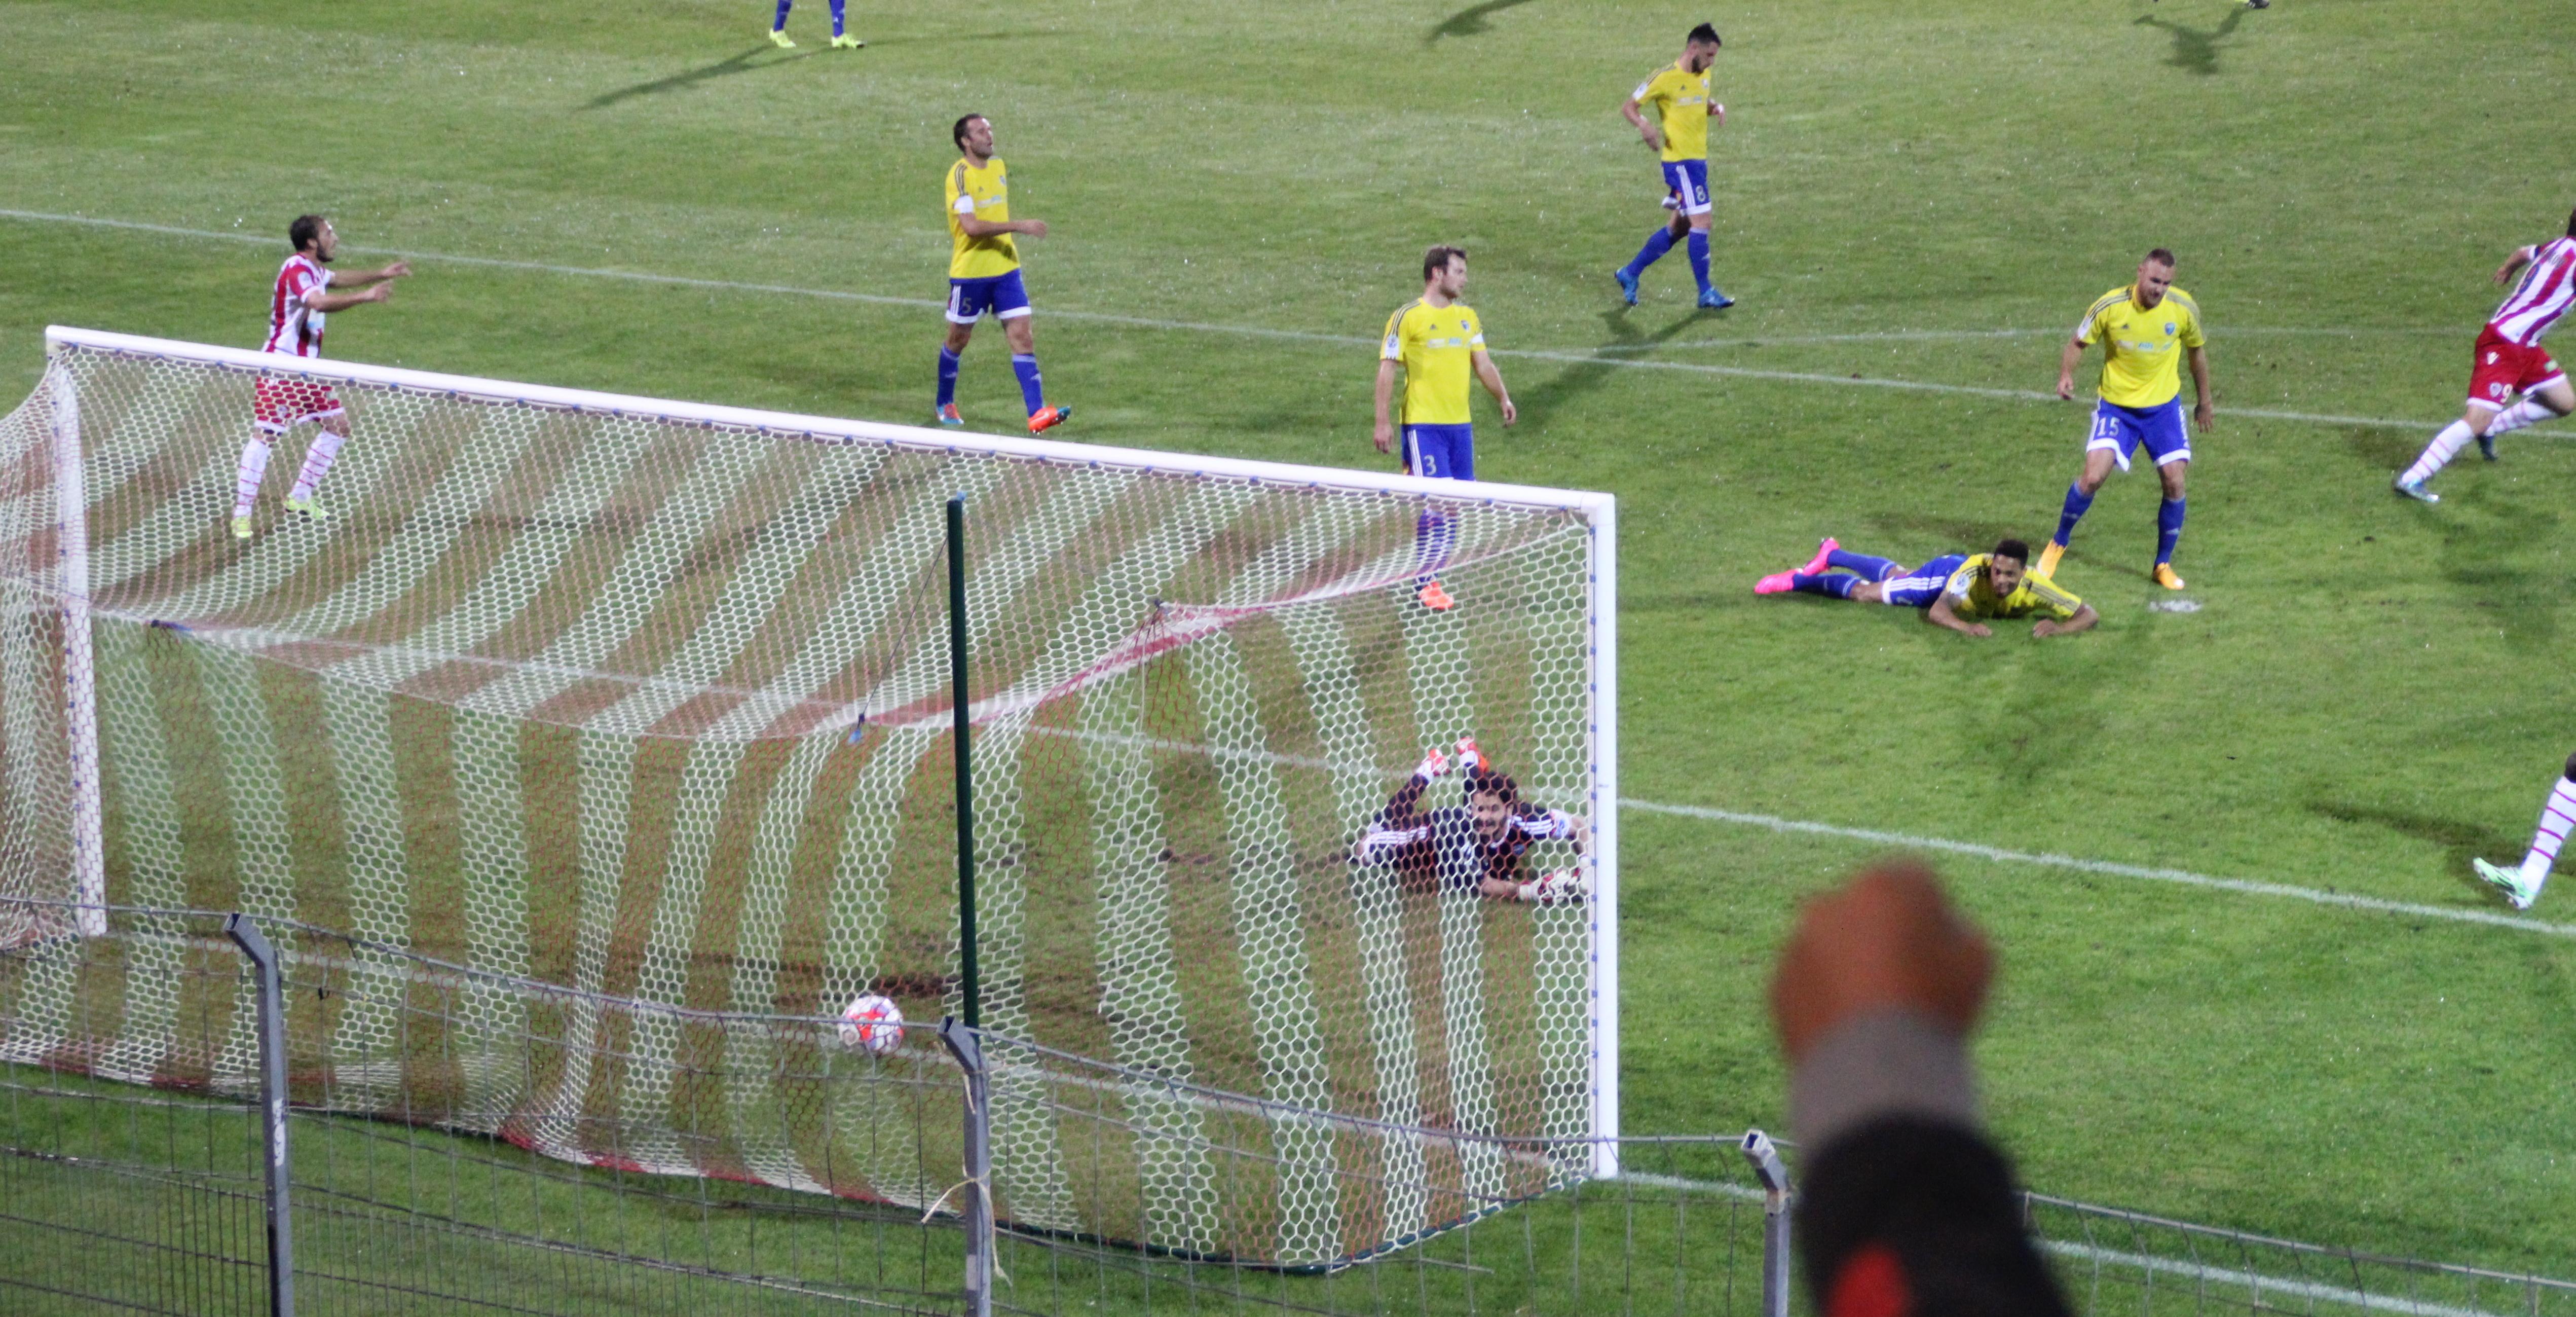 ACA-Bourg-en-Bresse vu par Baptiste Gentili : Une victoire porteuse d'espoir